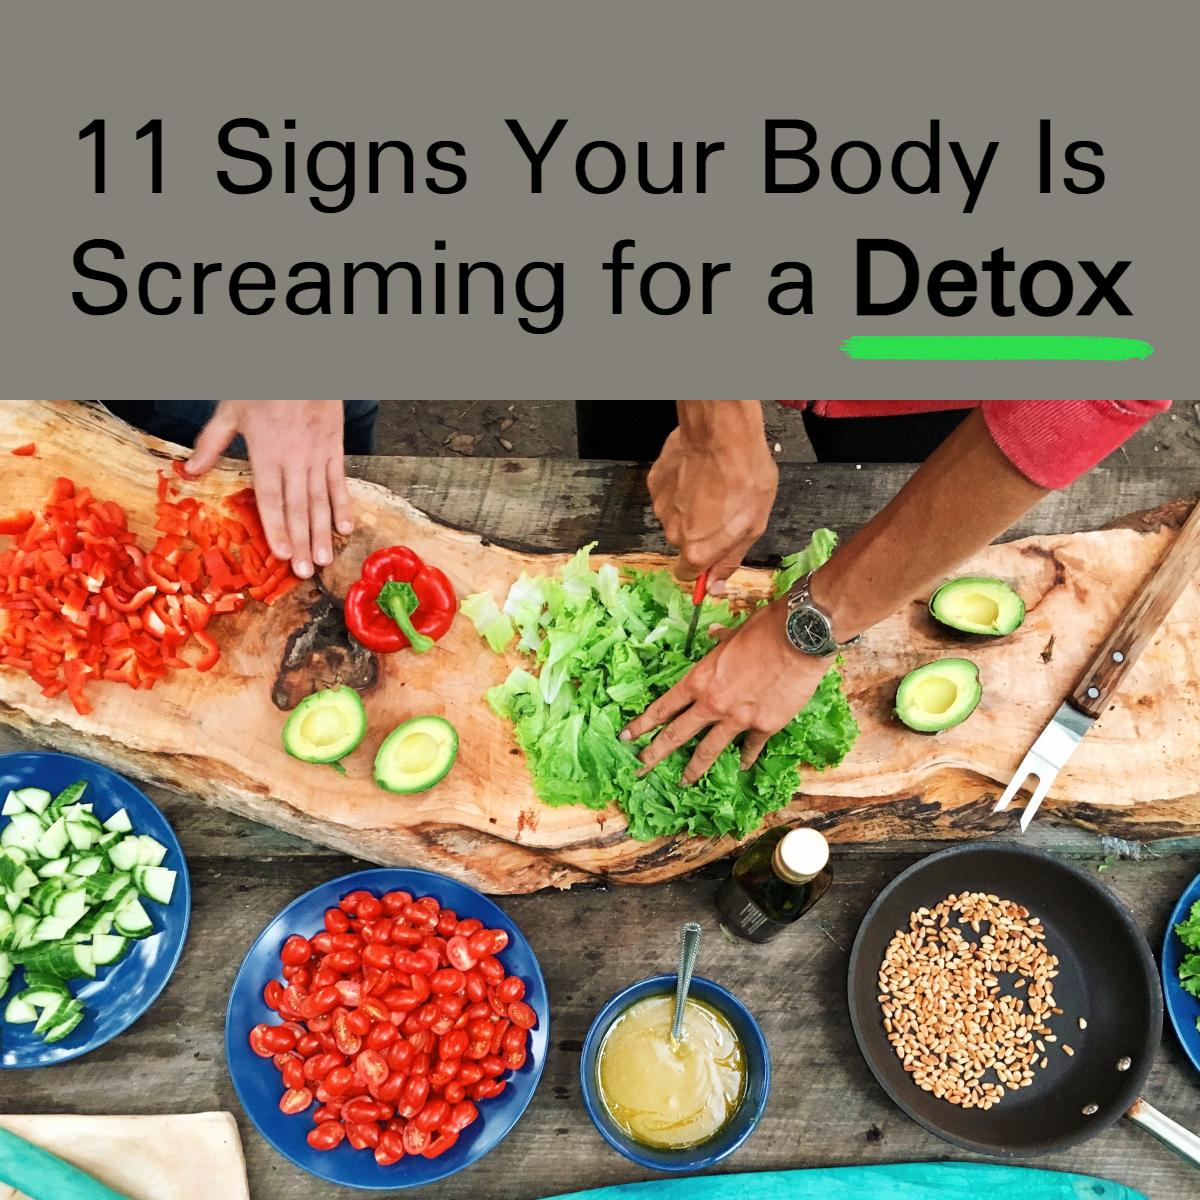 11 signs DETOX